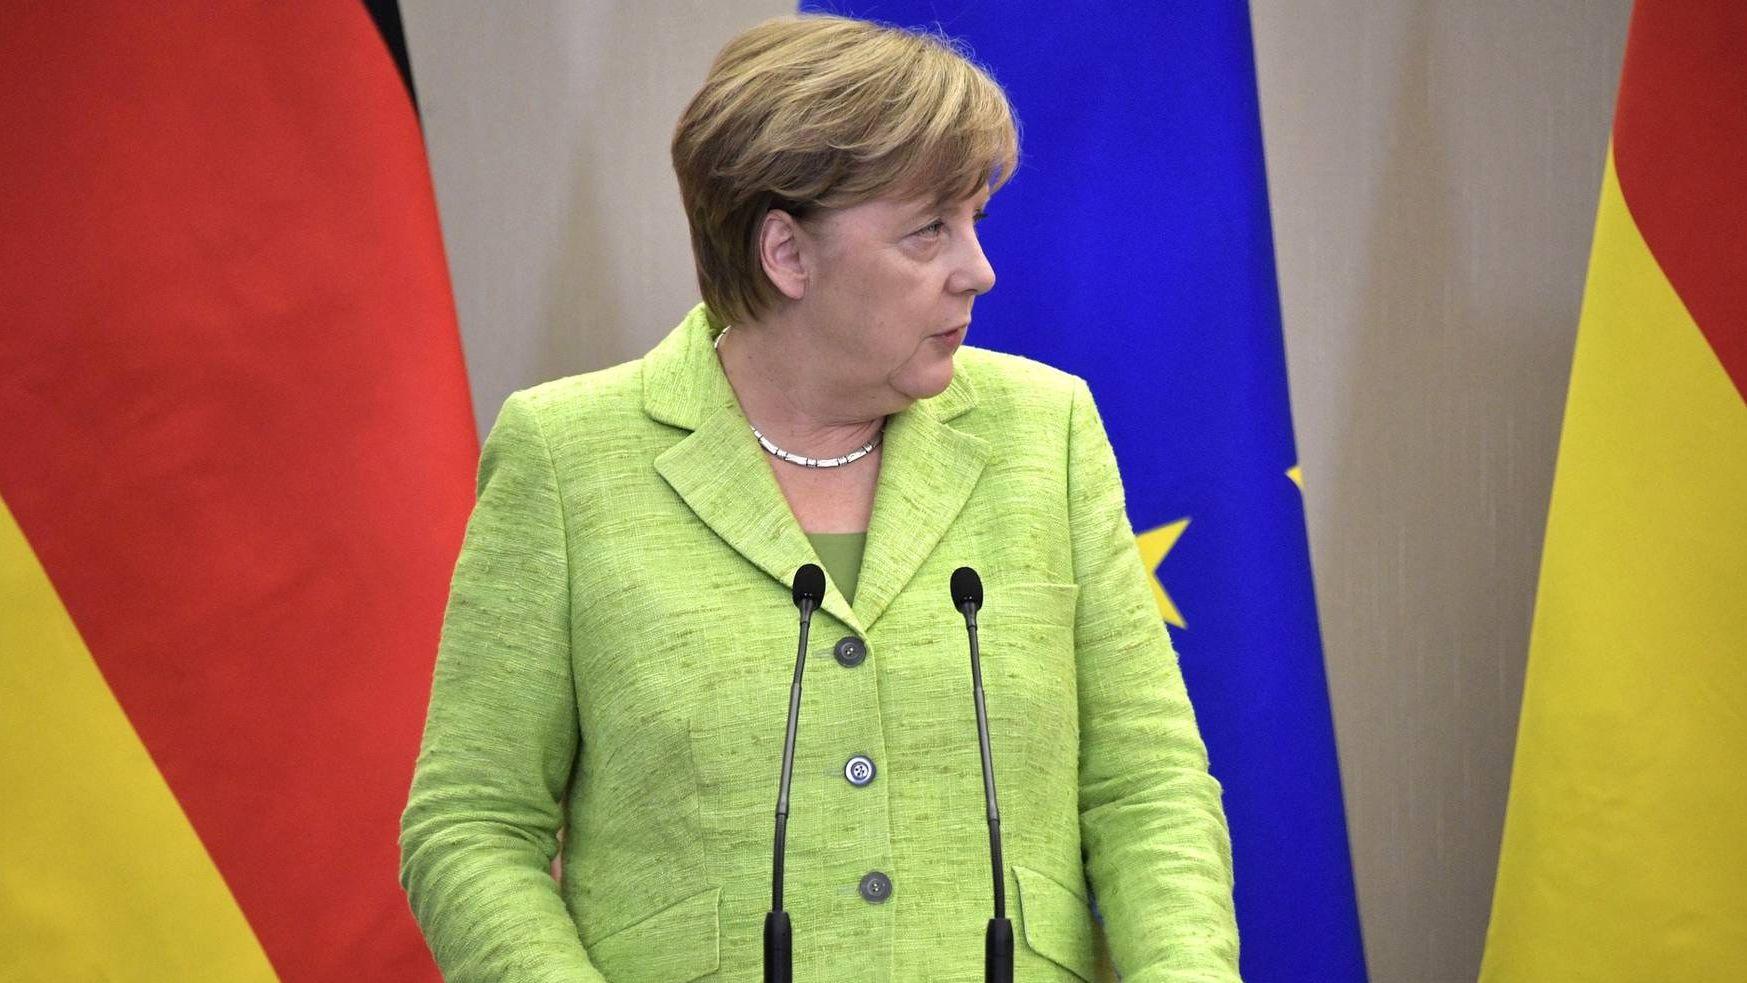 Меркель обеспокоена наряженной обстановкой наДонбассе